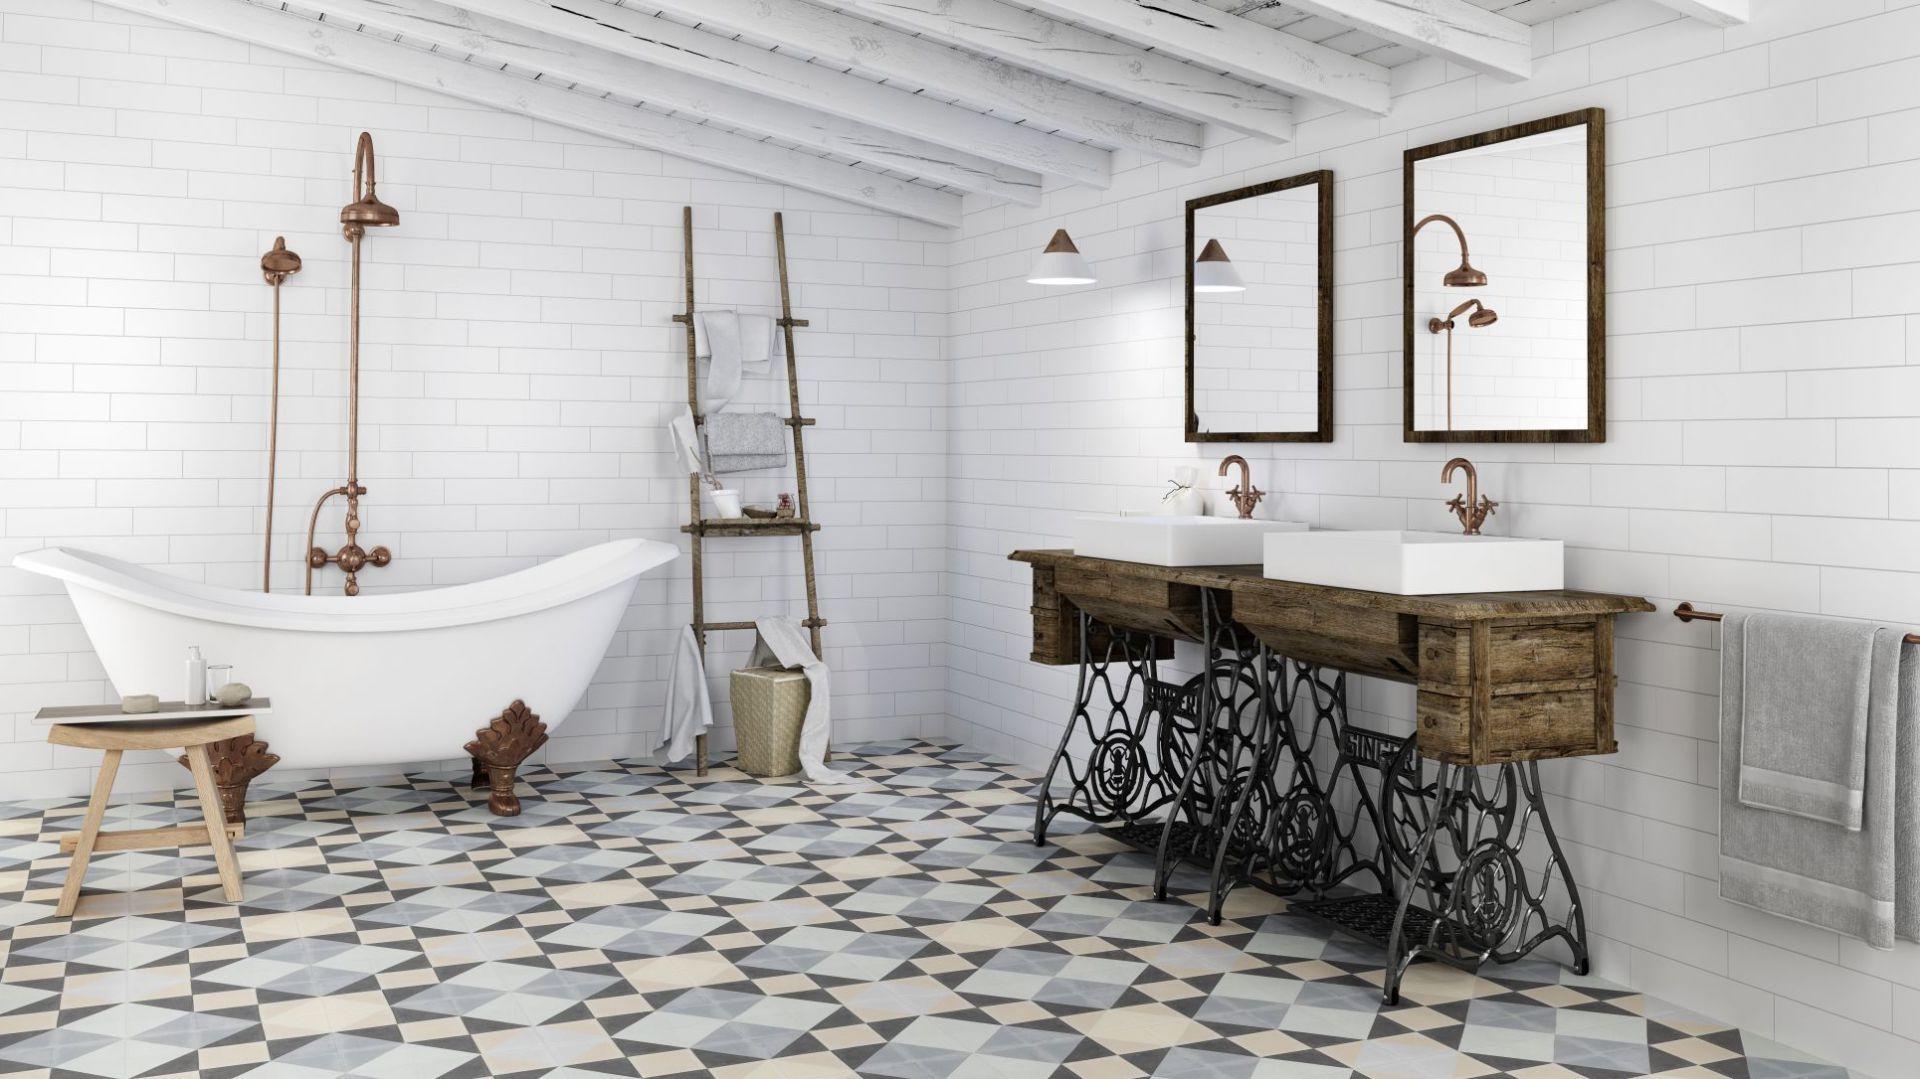 Płytki Ceramiczne Do łazienki Trendy Na 2018 Rok Kolekcja